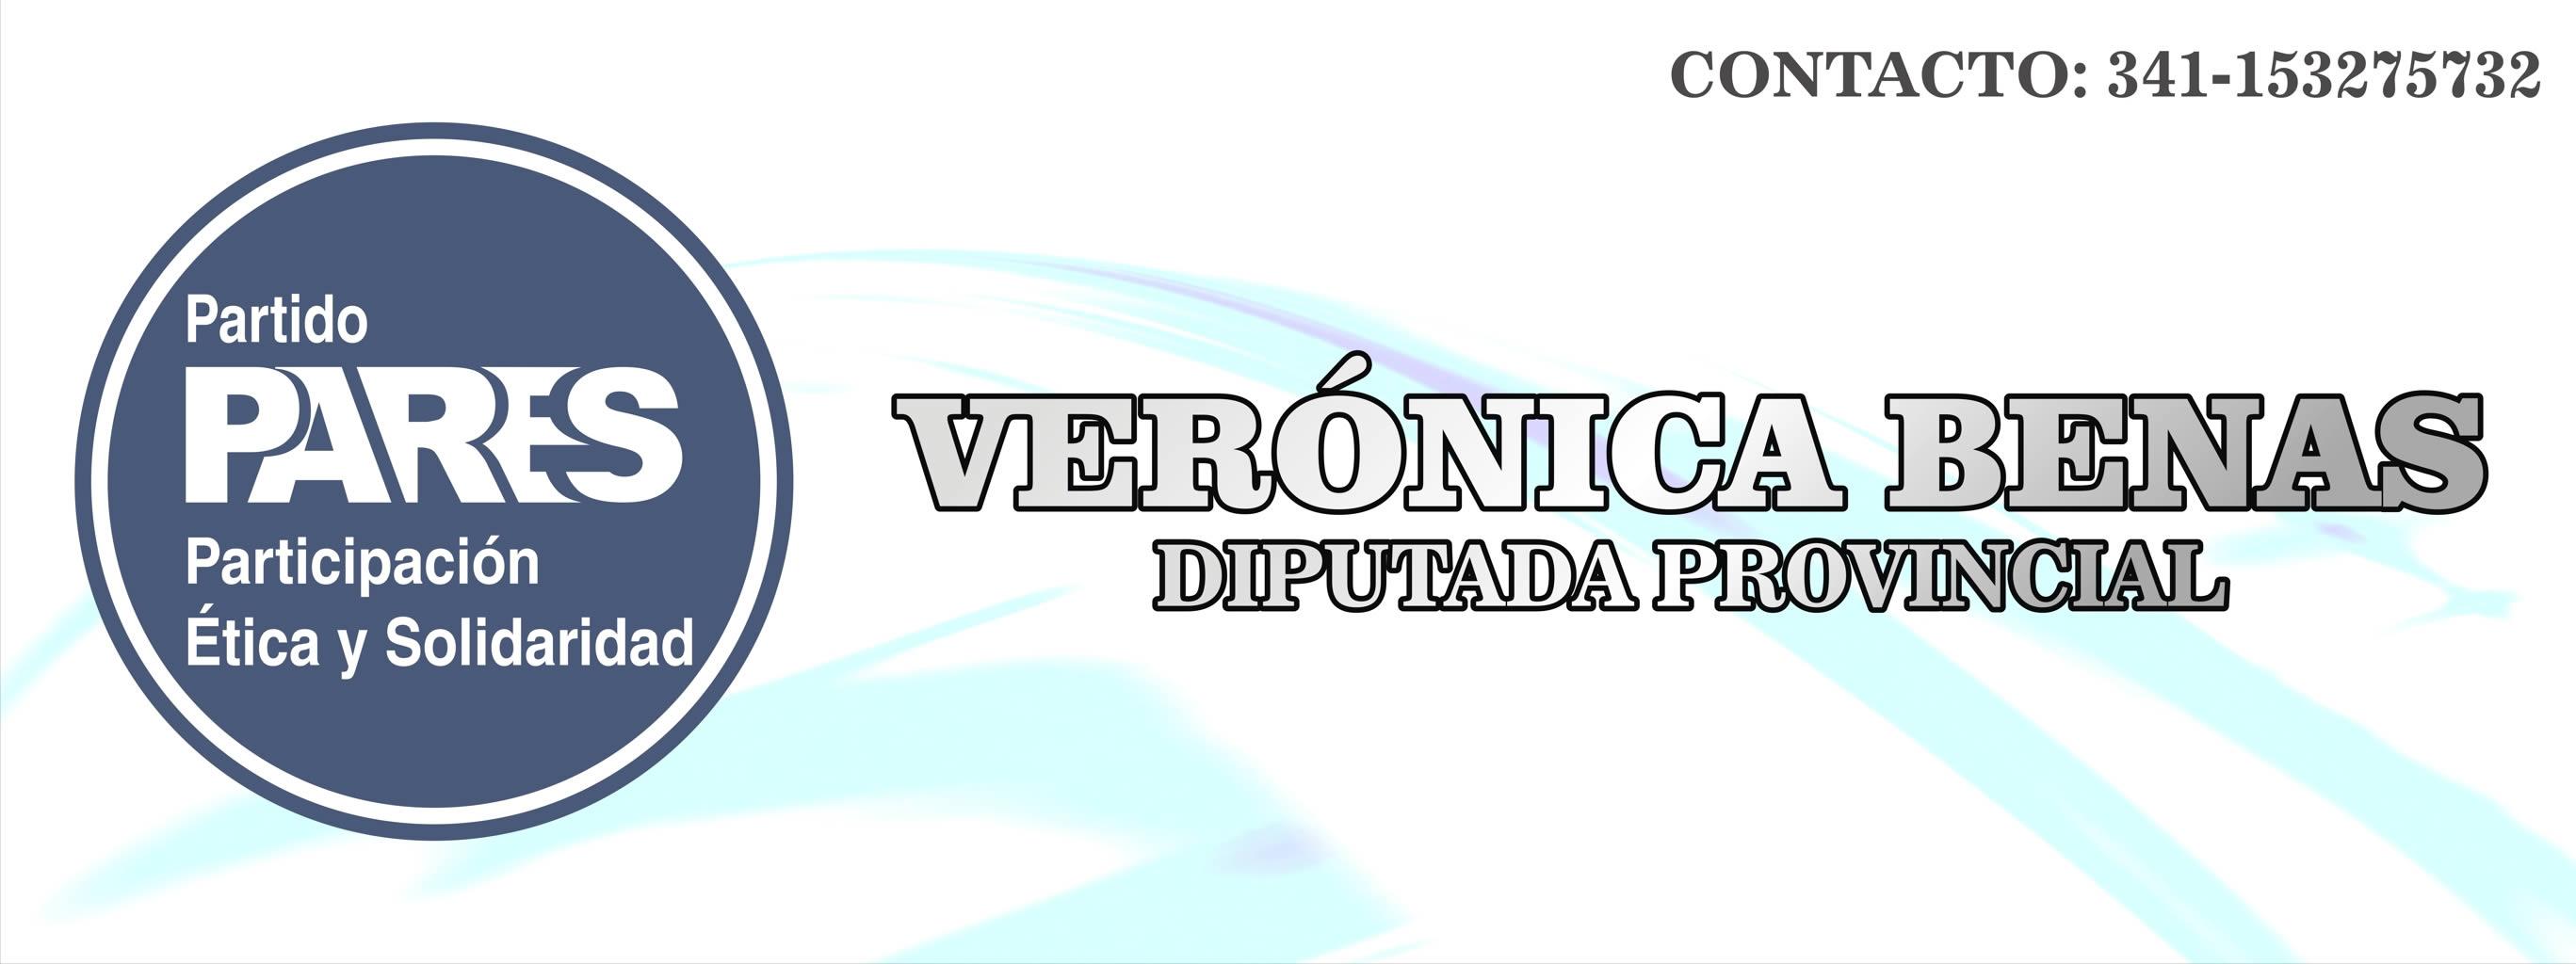 http://www.scpropiedades.com/